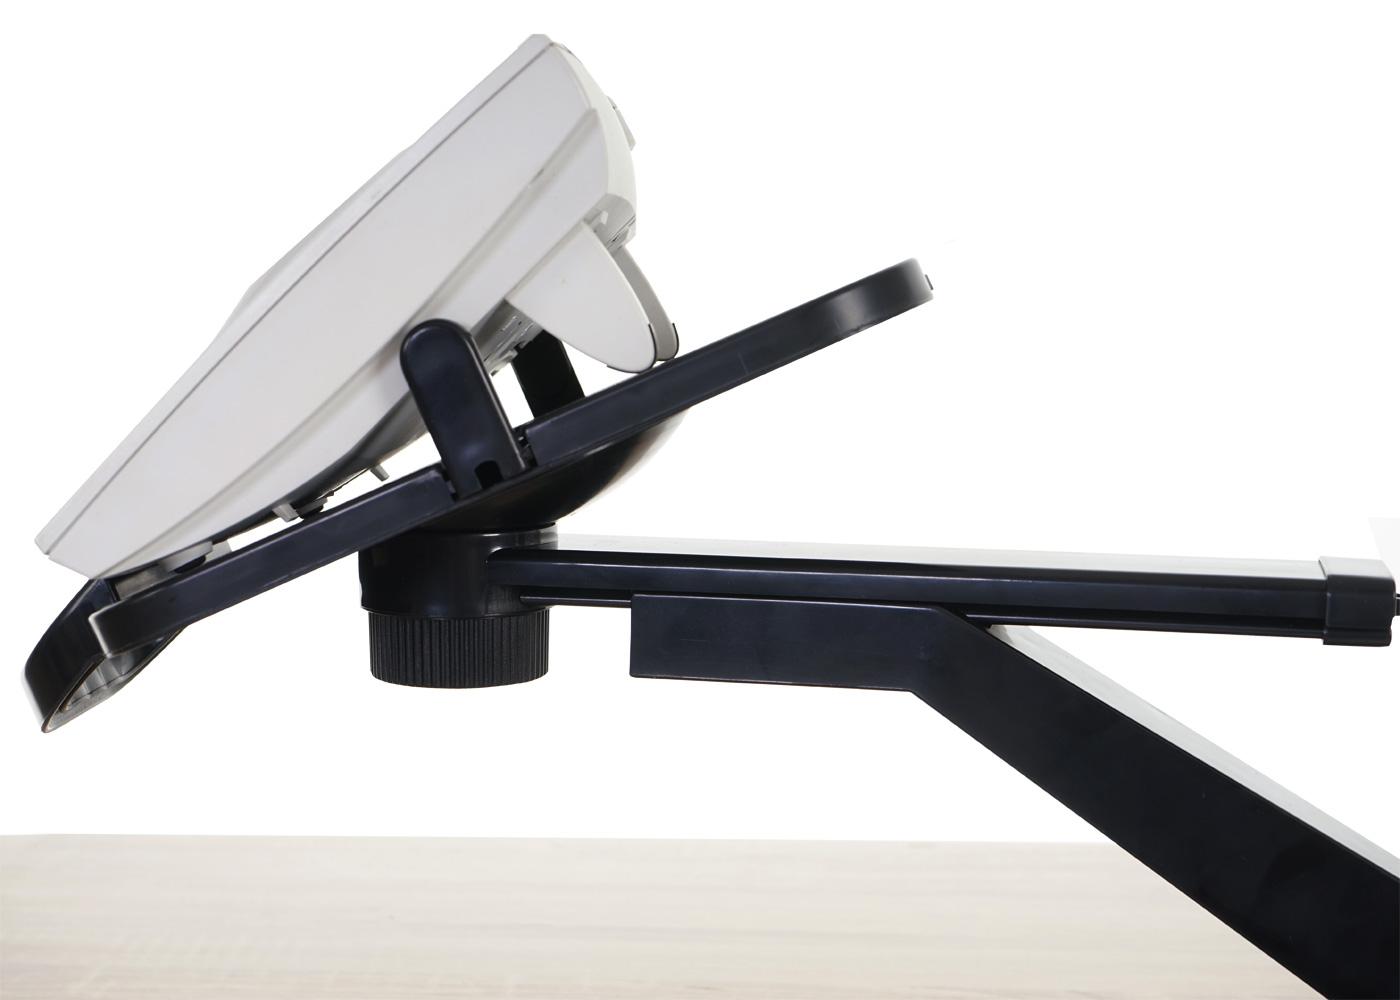 telefonarm t555 telefonhalter tischhalterung schwarz kaufen bei mendler vertriebs gmbh. Black Bedroom Furniture Sets. Home Design Ideas